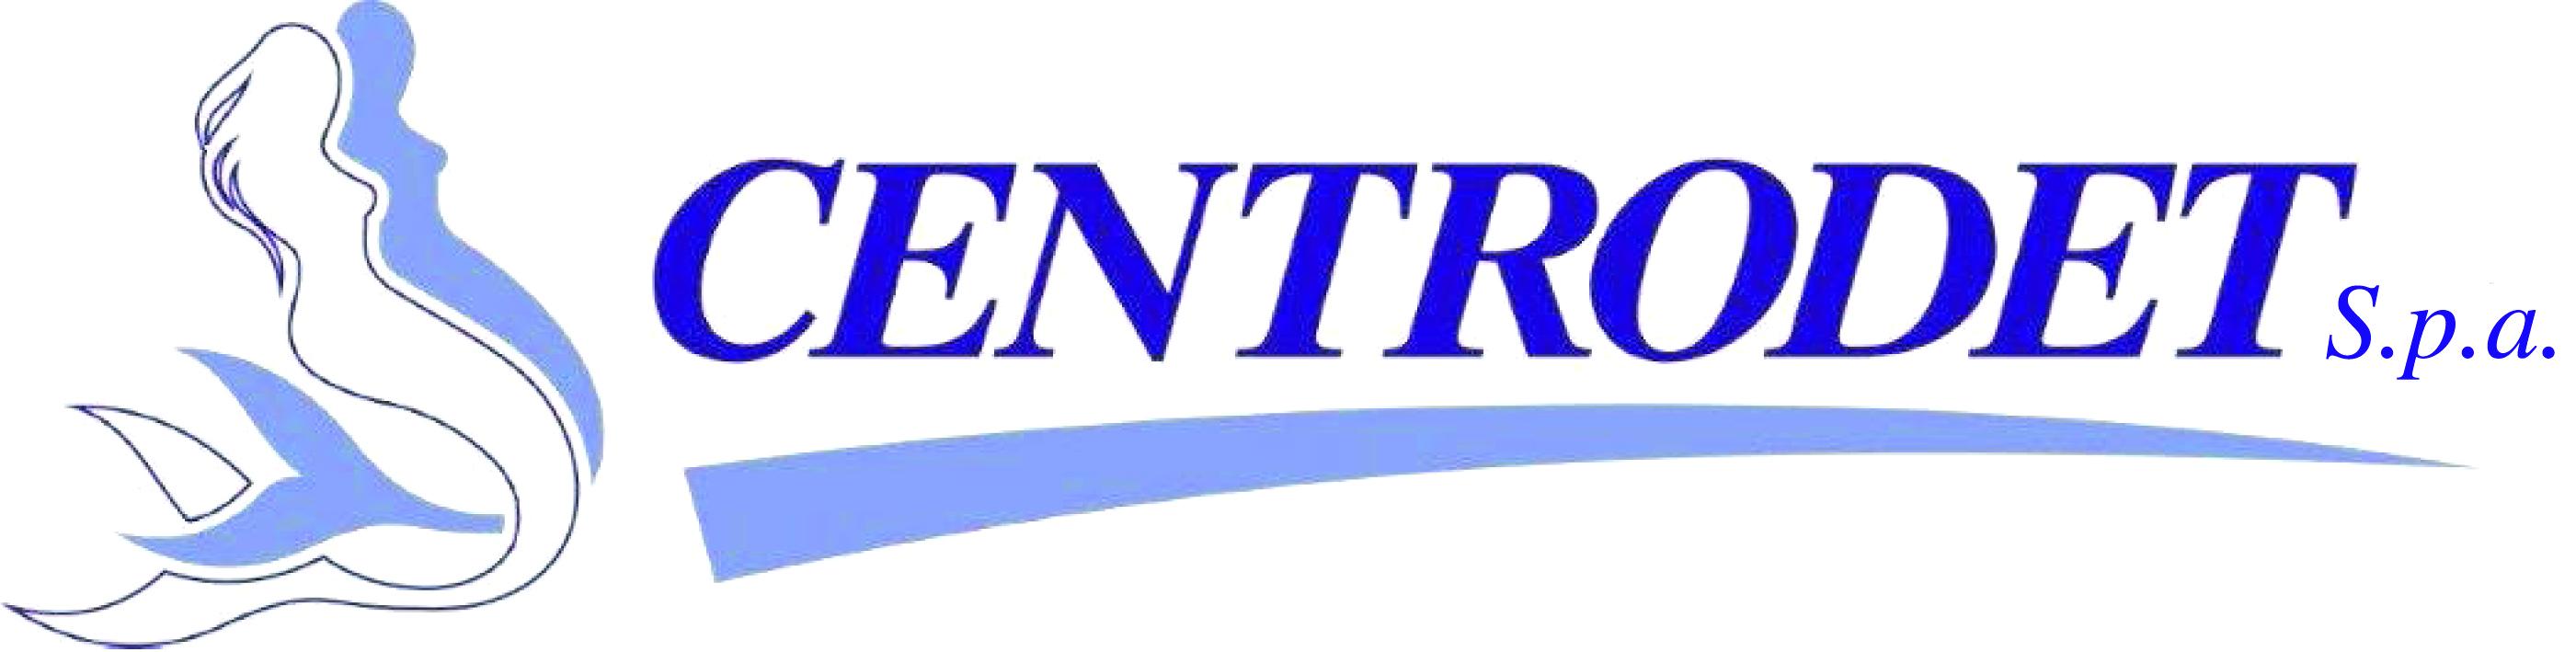 Logo Centrodet S.p.a. GDO (Grande Distribuzione Organizzata)